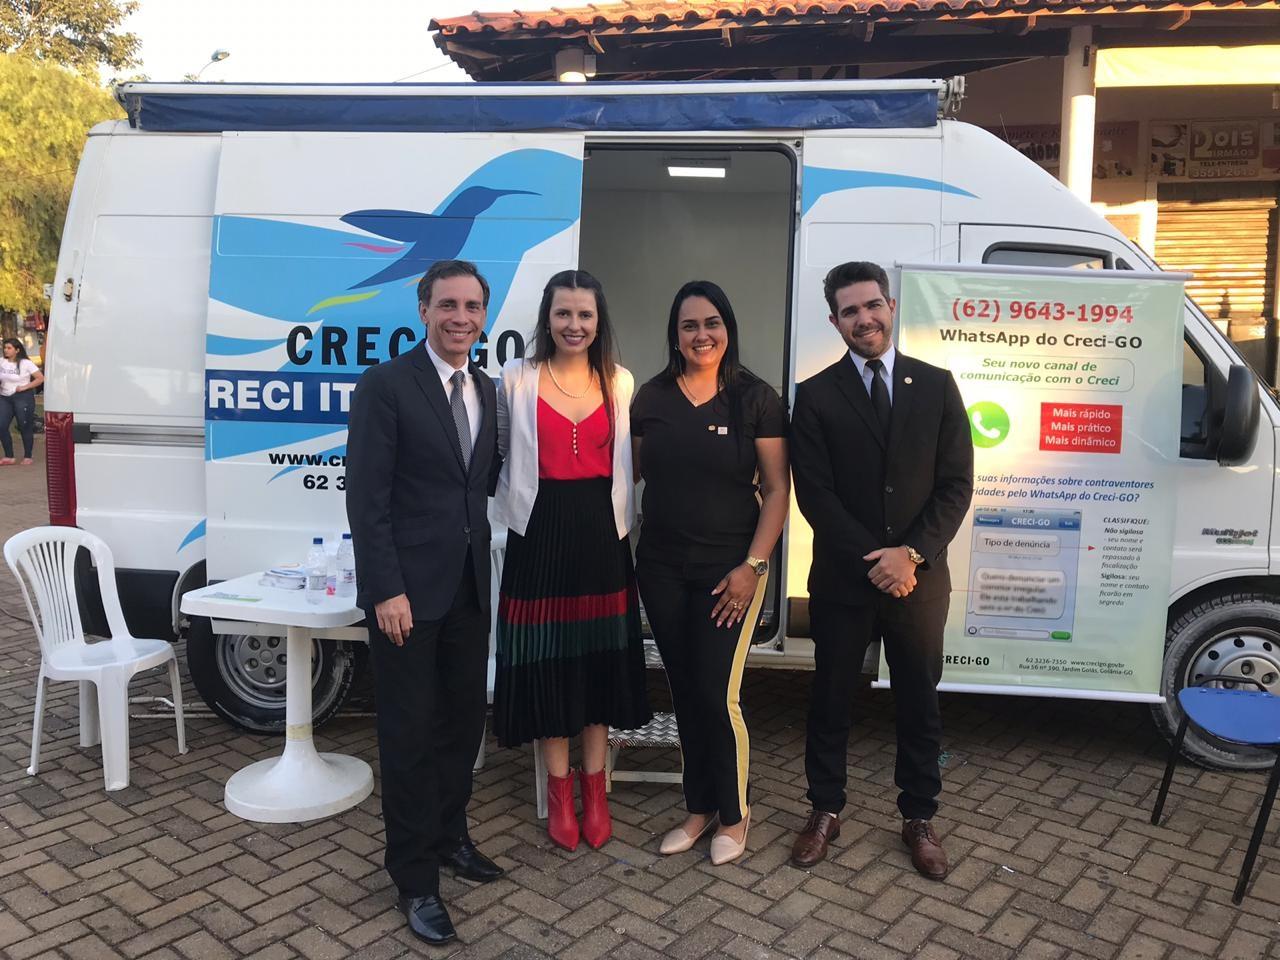 Creci Itinerante em Bela Vista de Goiás | CRECI-GO/ Conselho Regional de Corretores de Imóveis de Goiás